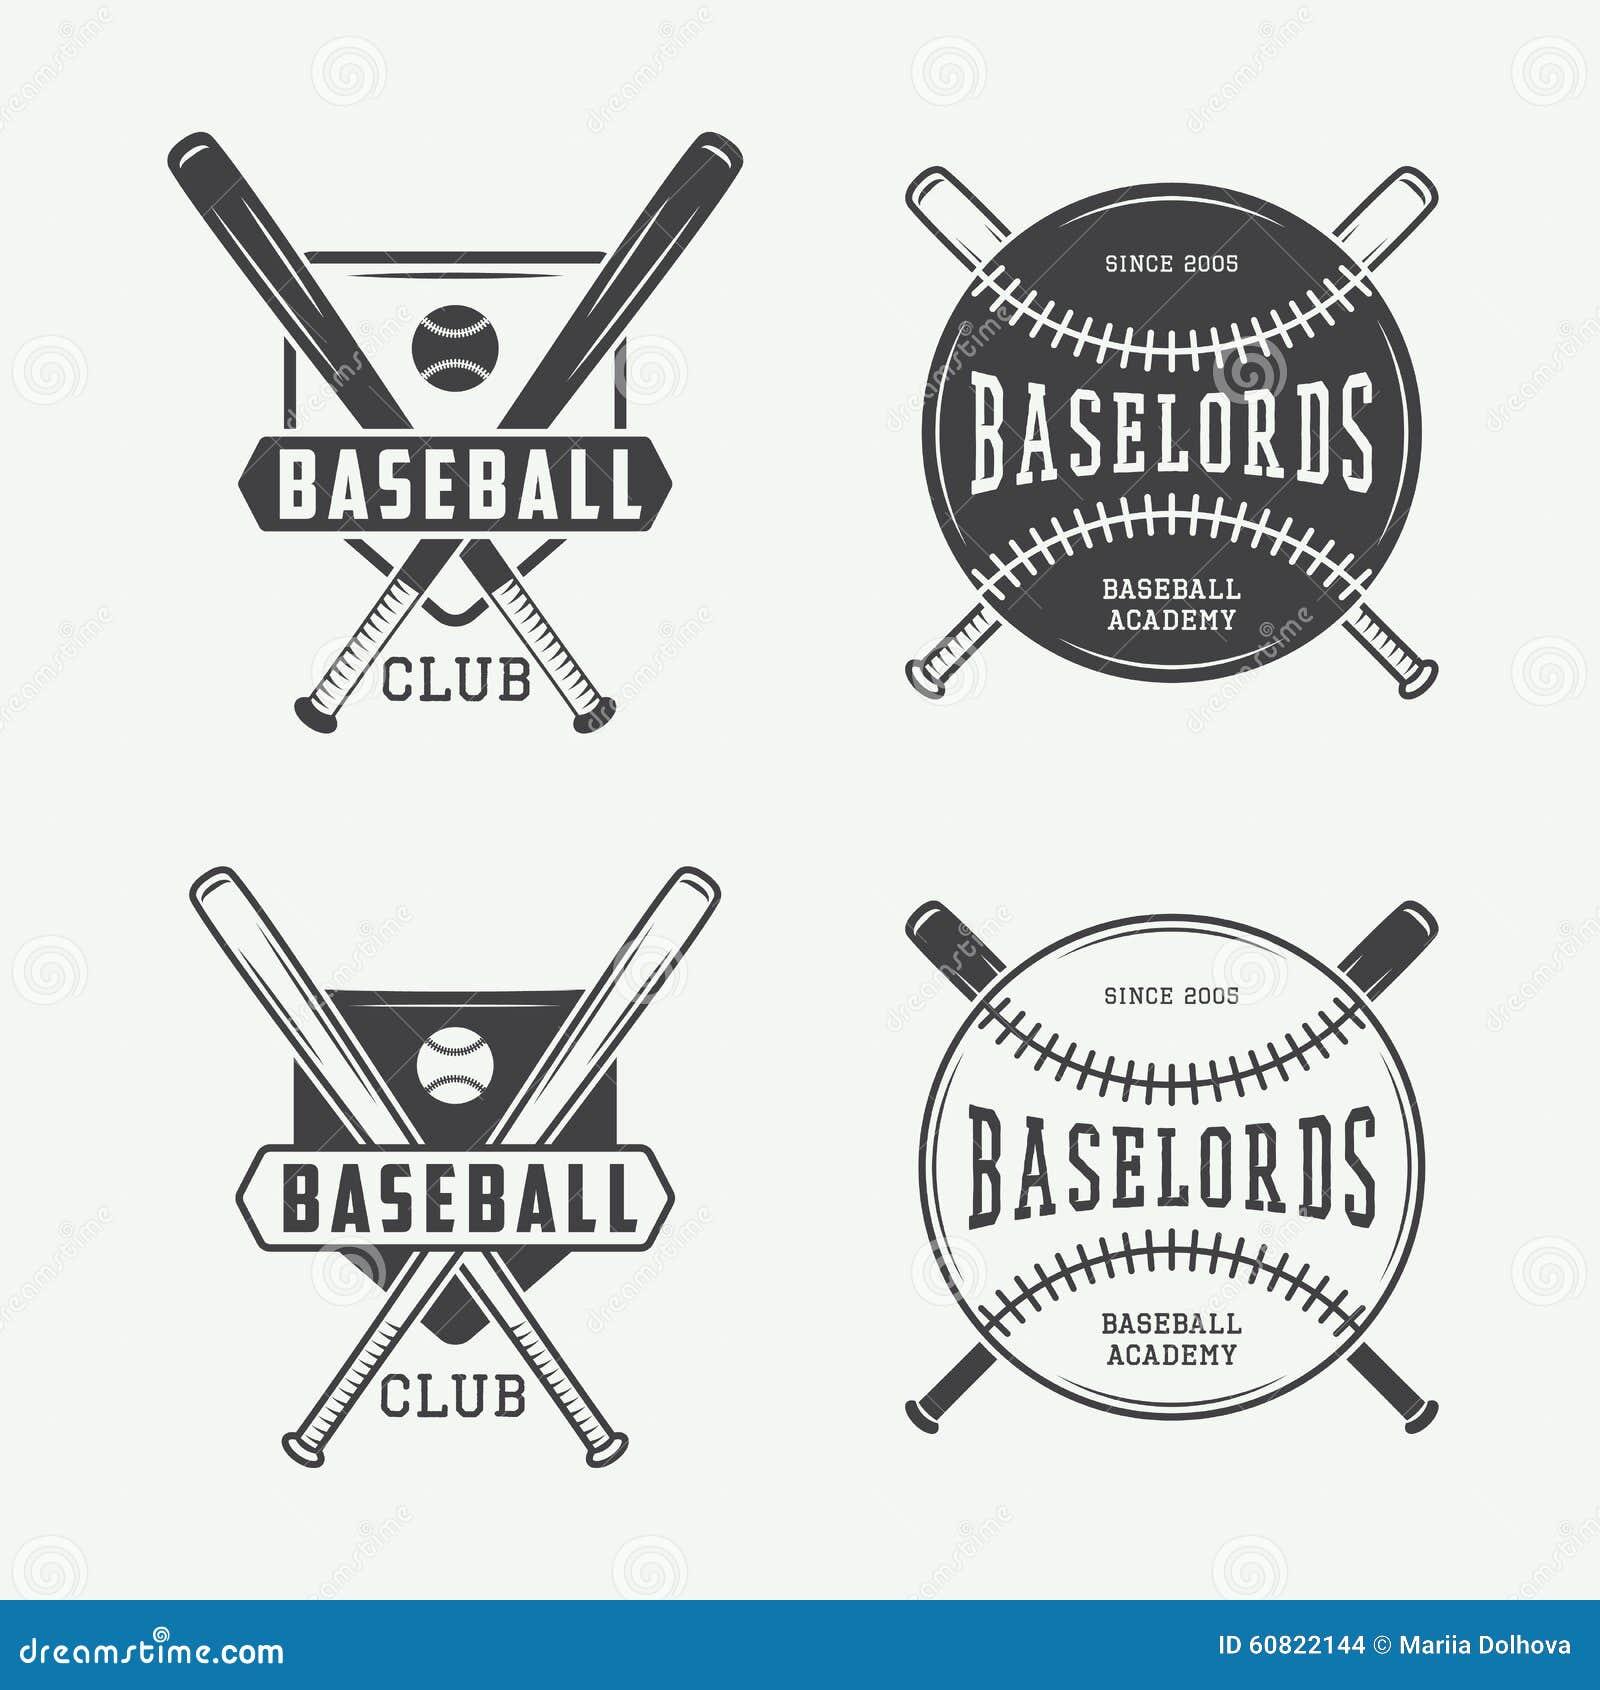 Vintage Baseball Logos 63